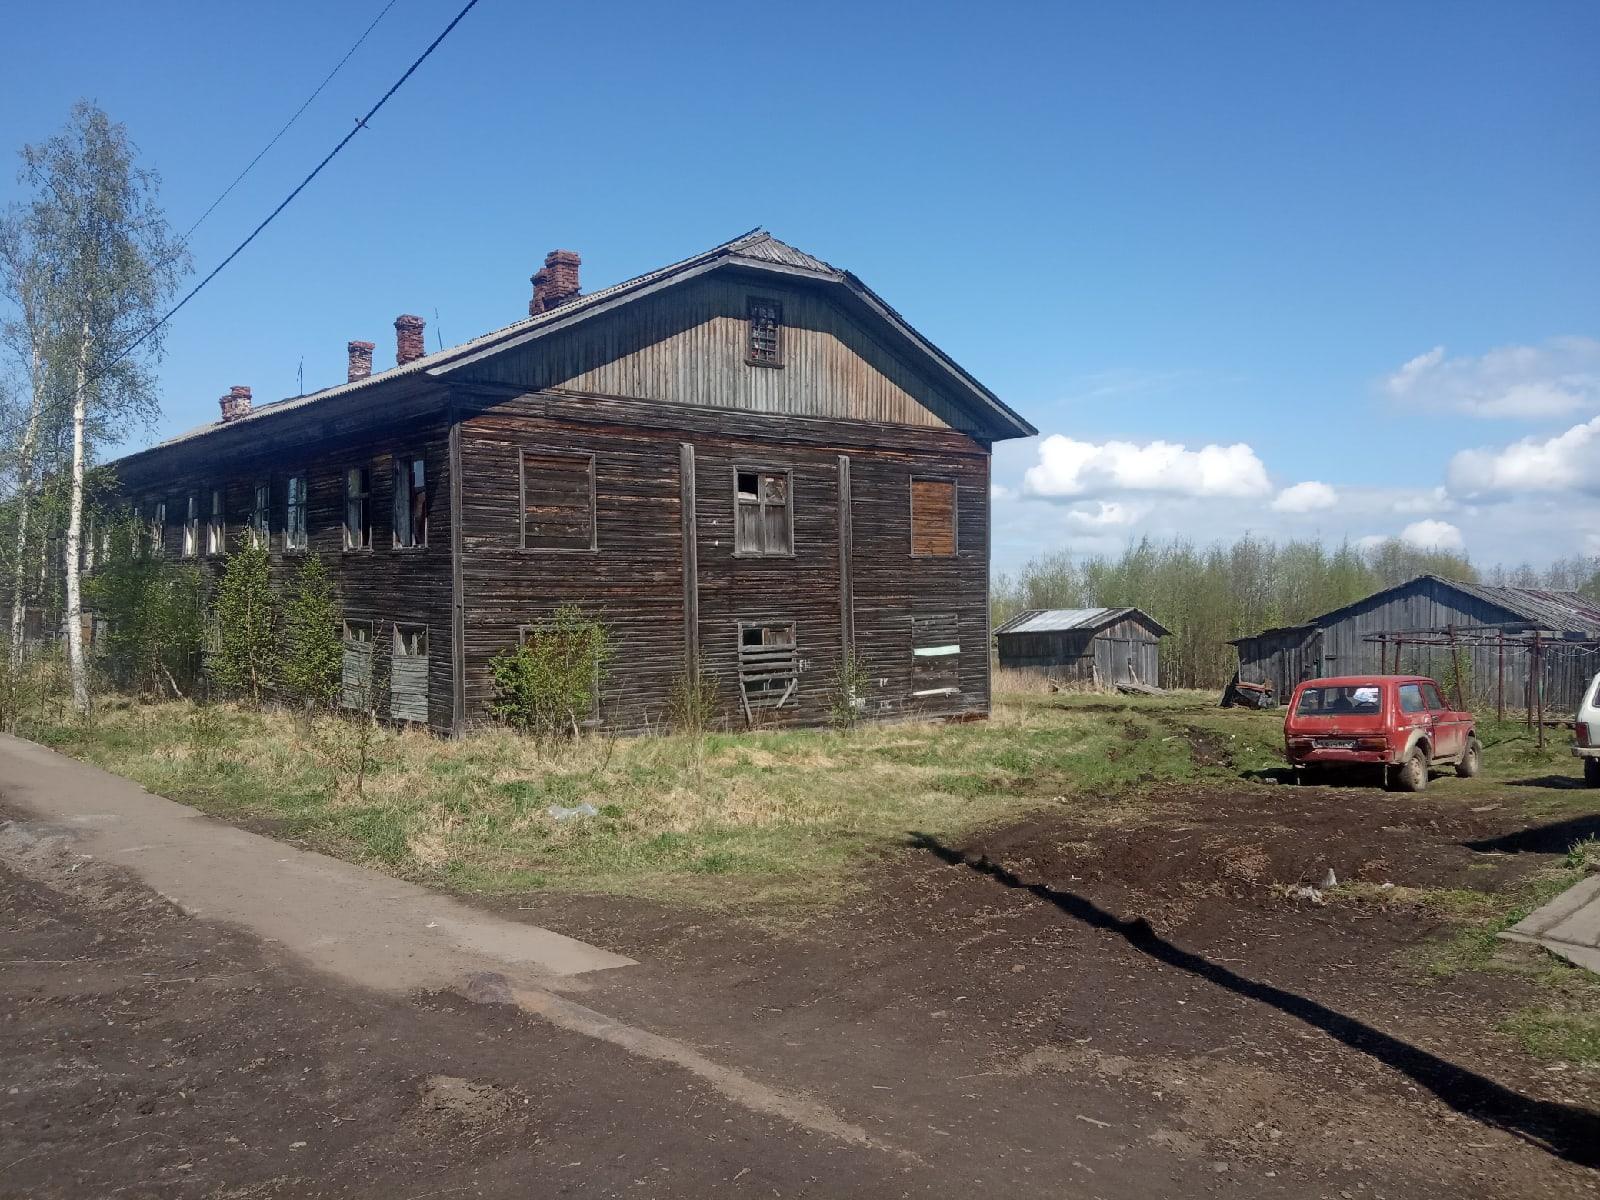 Онега, Архангельская область - Фото